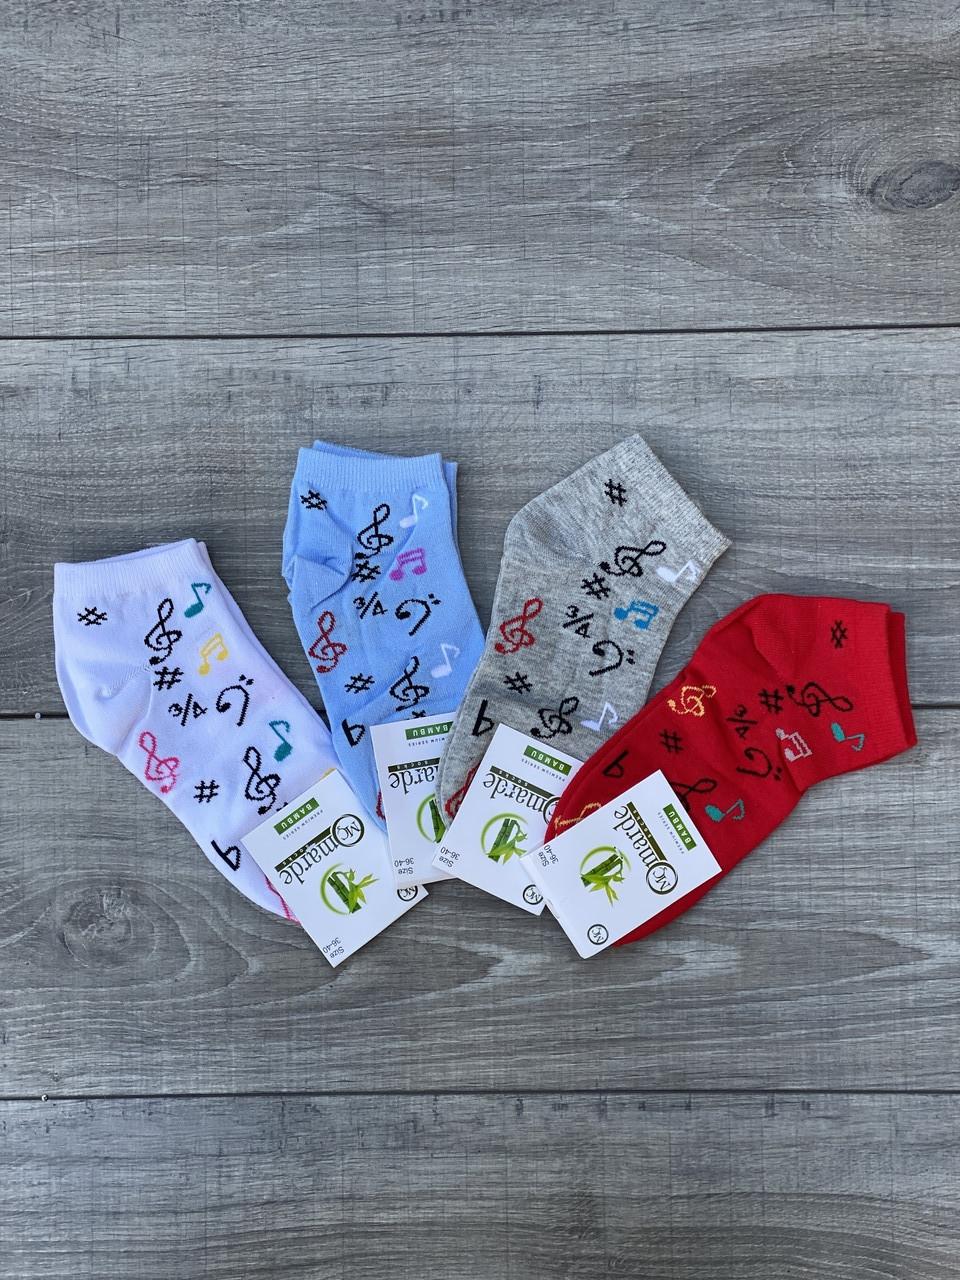 Шкарпетки Marde бамбук жіночі зі скрипковим ключем і нотами 35-40 12 шт в уп мікс 4 кольорів